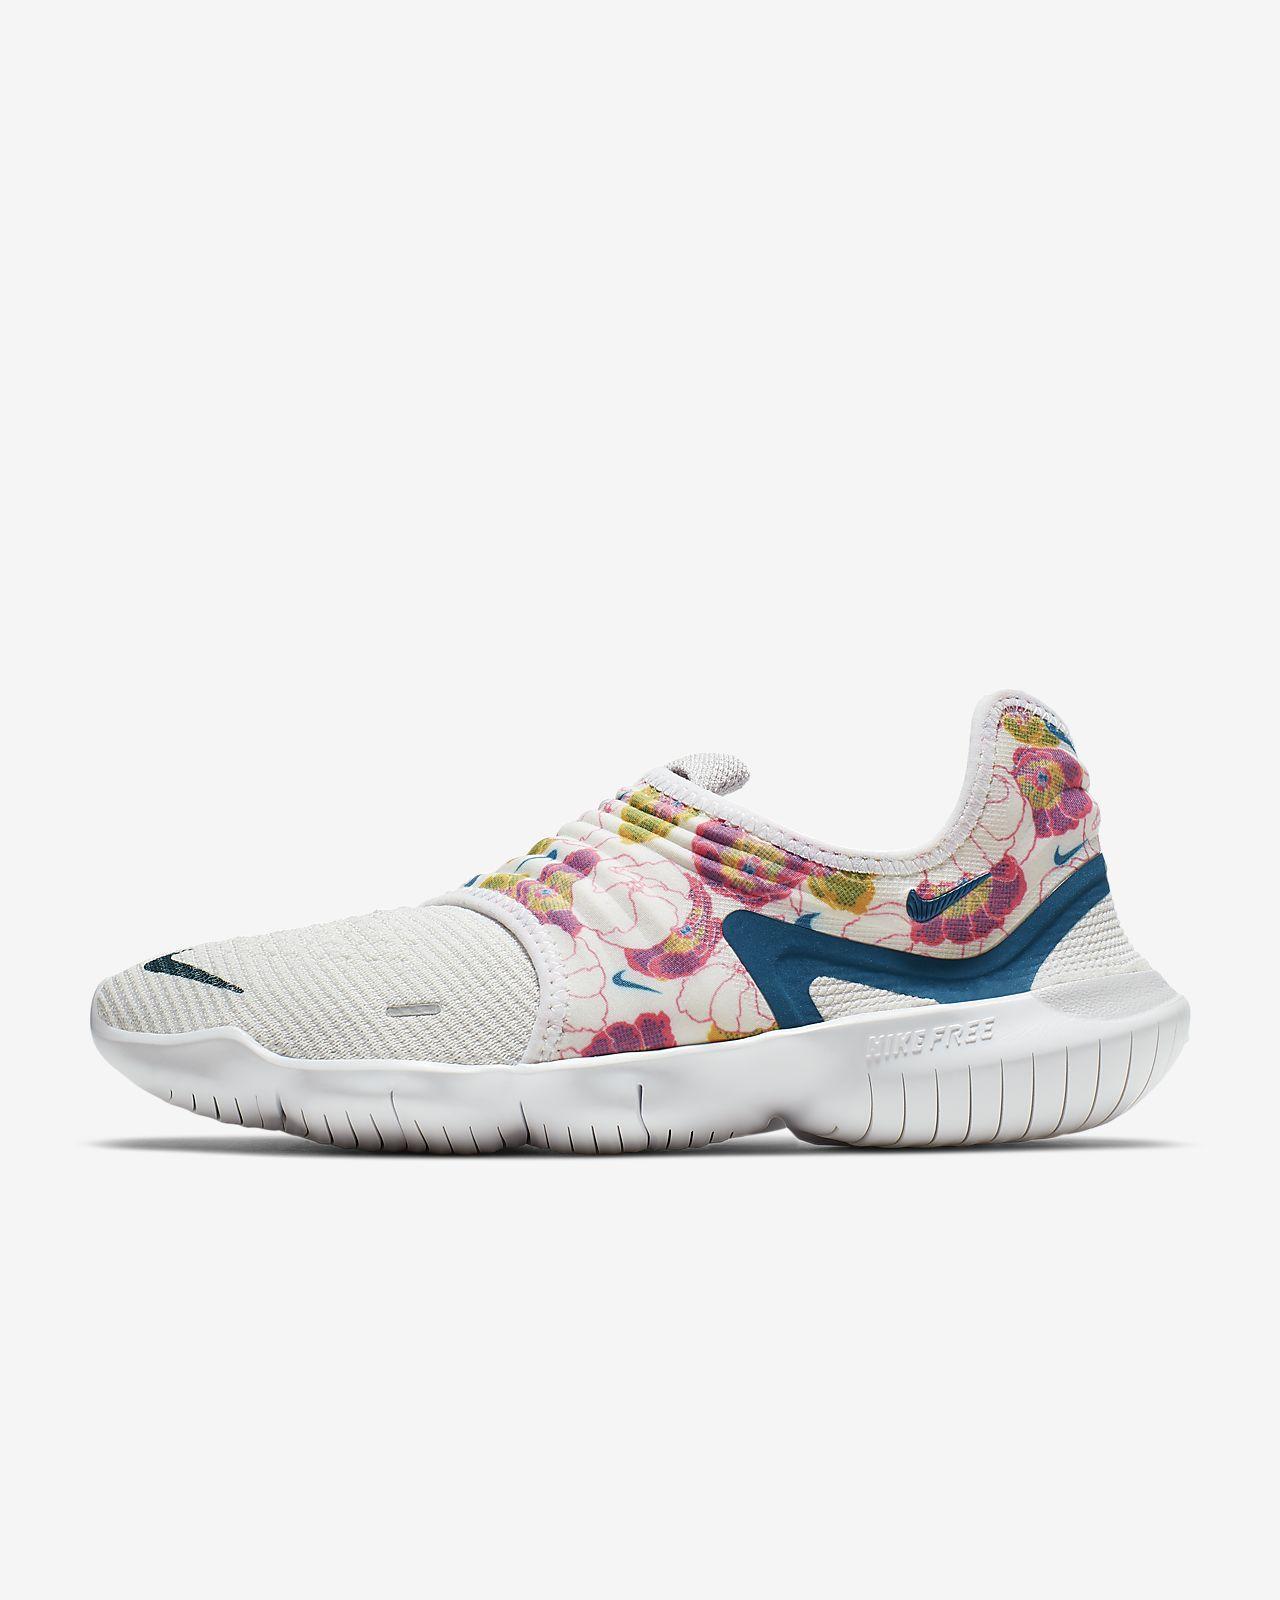 Damskie buty do biegania Nike Free RN Flyknit 3.0